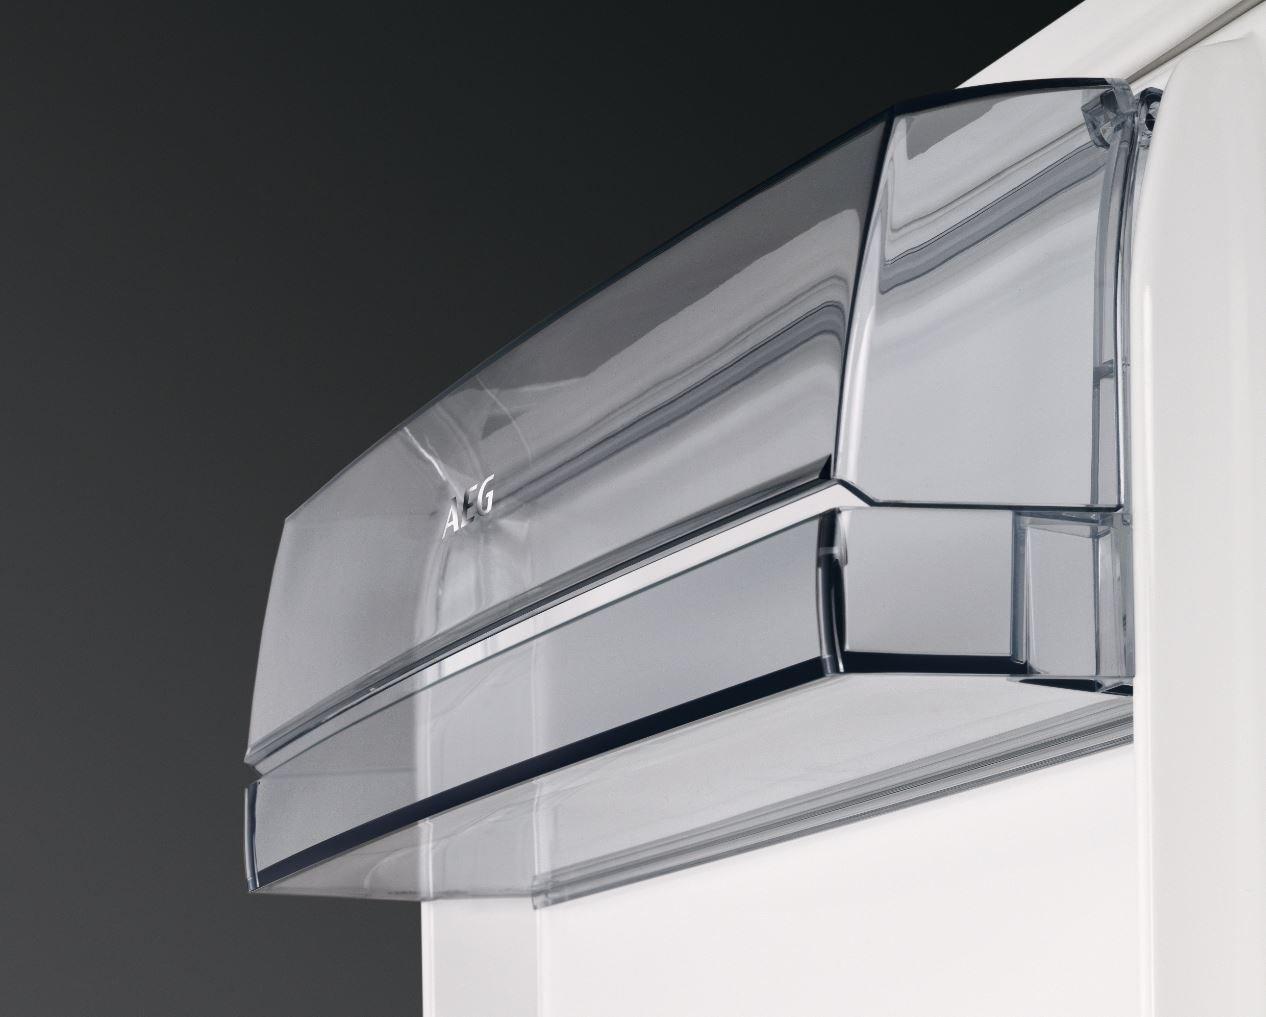 Aeg Unterbau Kühlschrank Ohne Gefrierfach : Aeg skb af unterbau kühlschrank mm l festtür